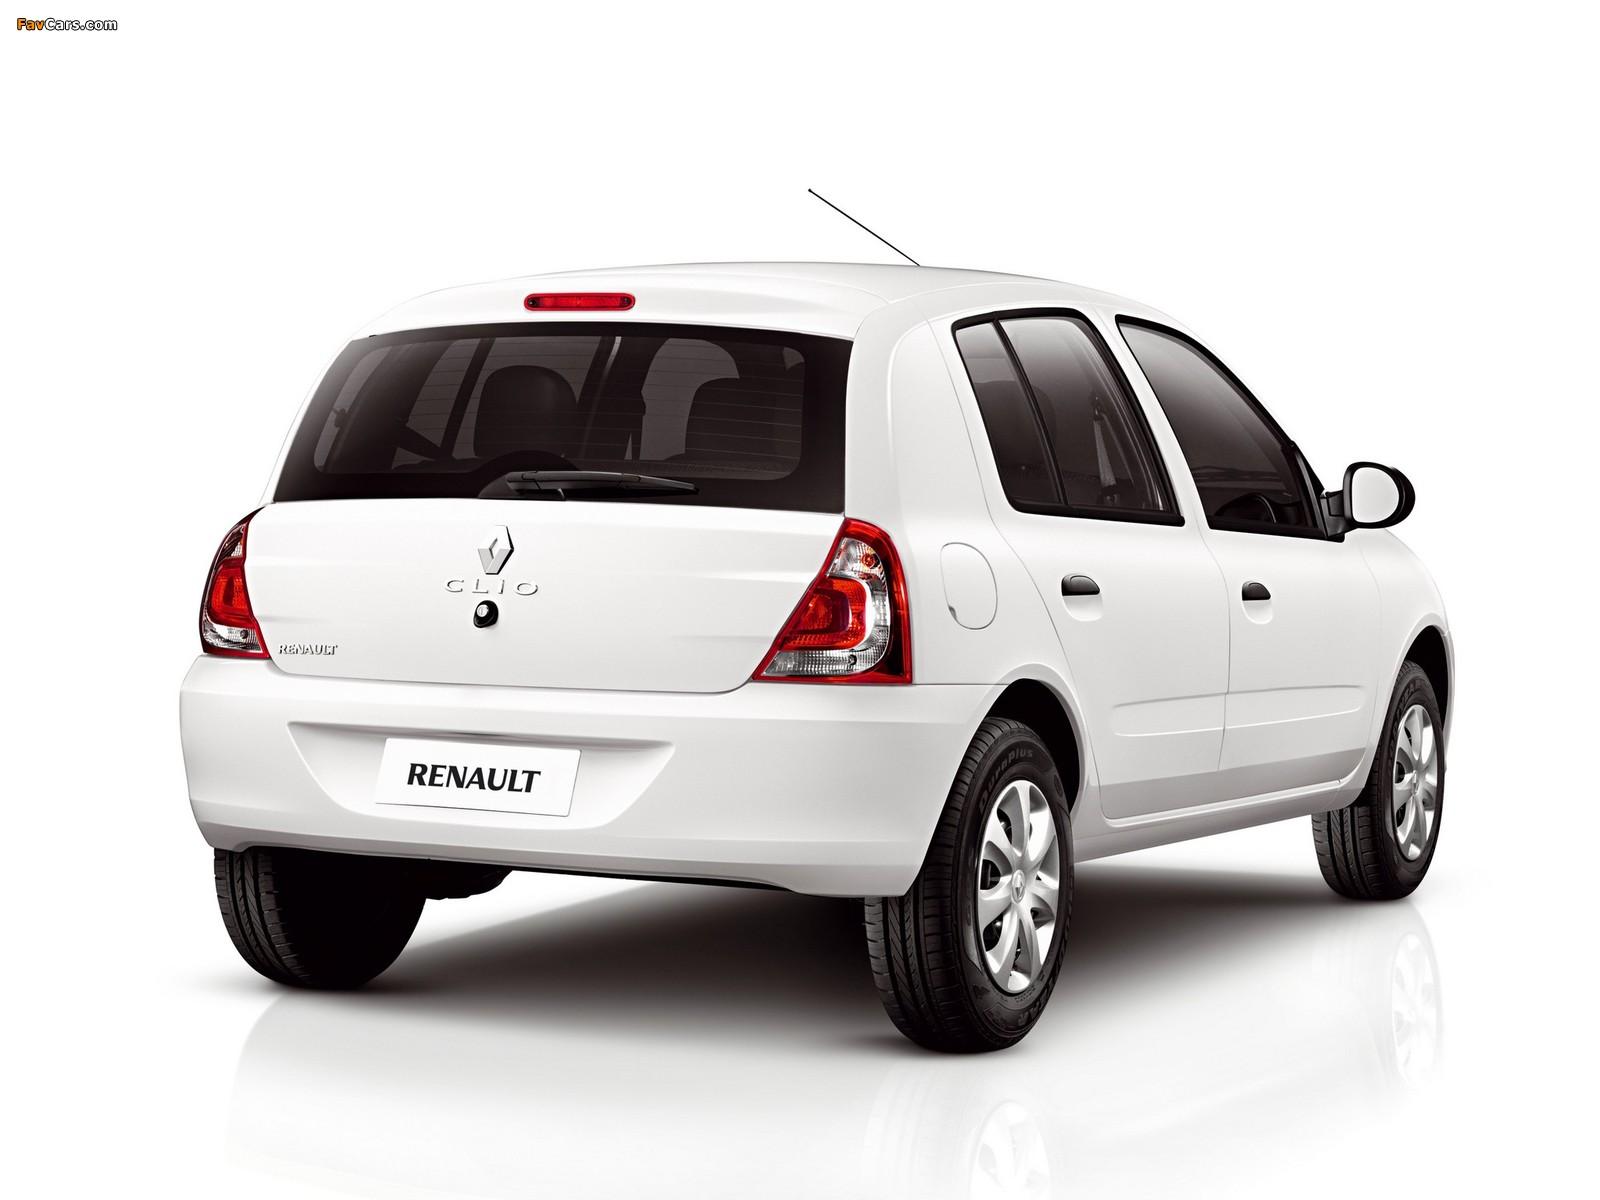 Renault Clio Mercosur 5-door 2012 pictures (1600 x 1200)